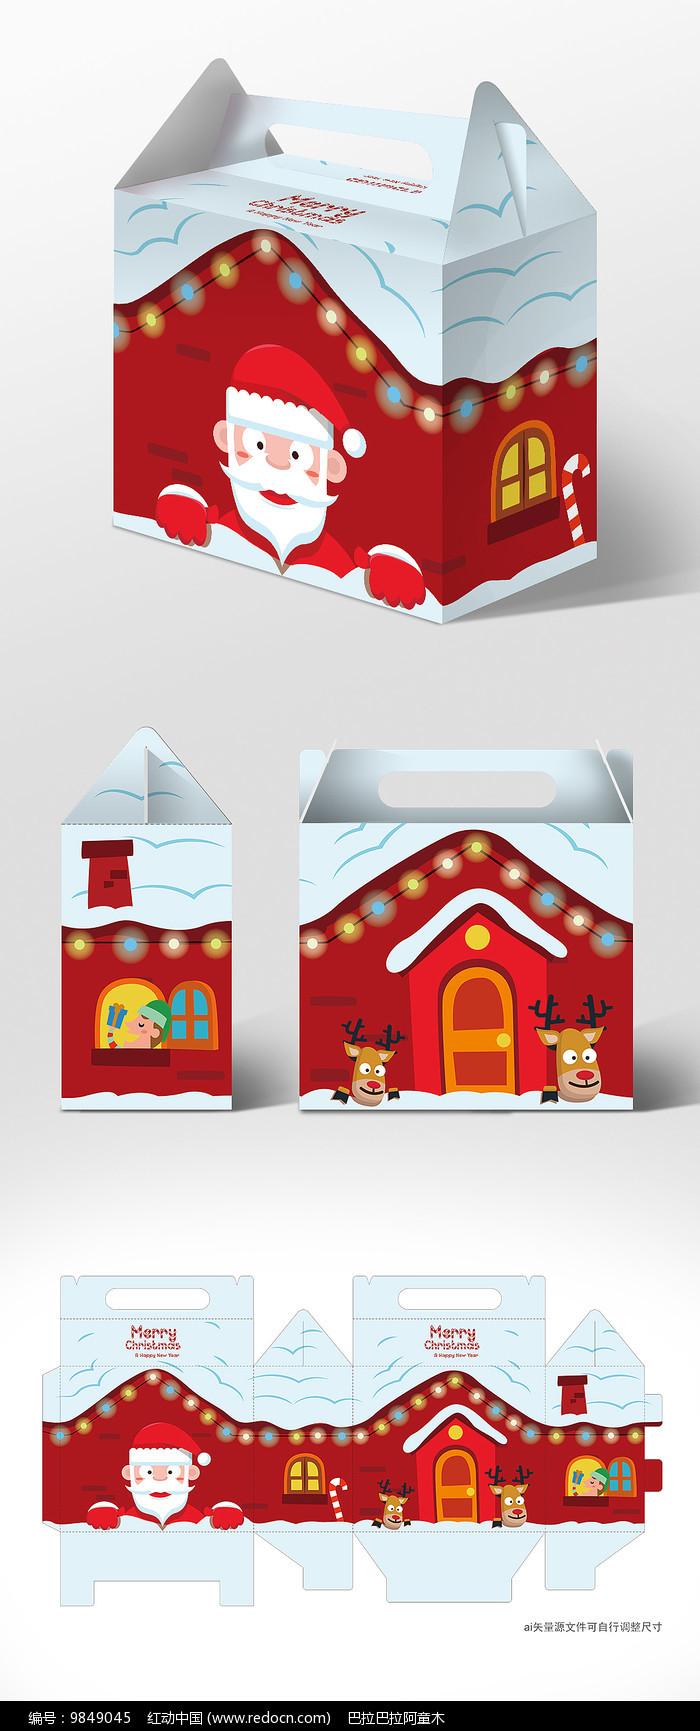 红色卡通房子圣诞节礼盒包装图片